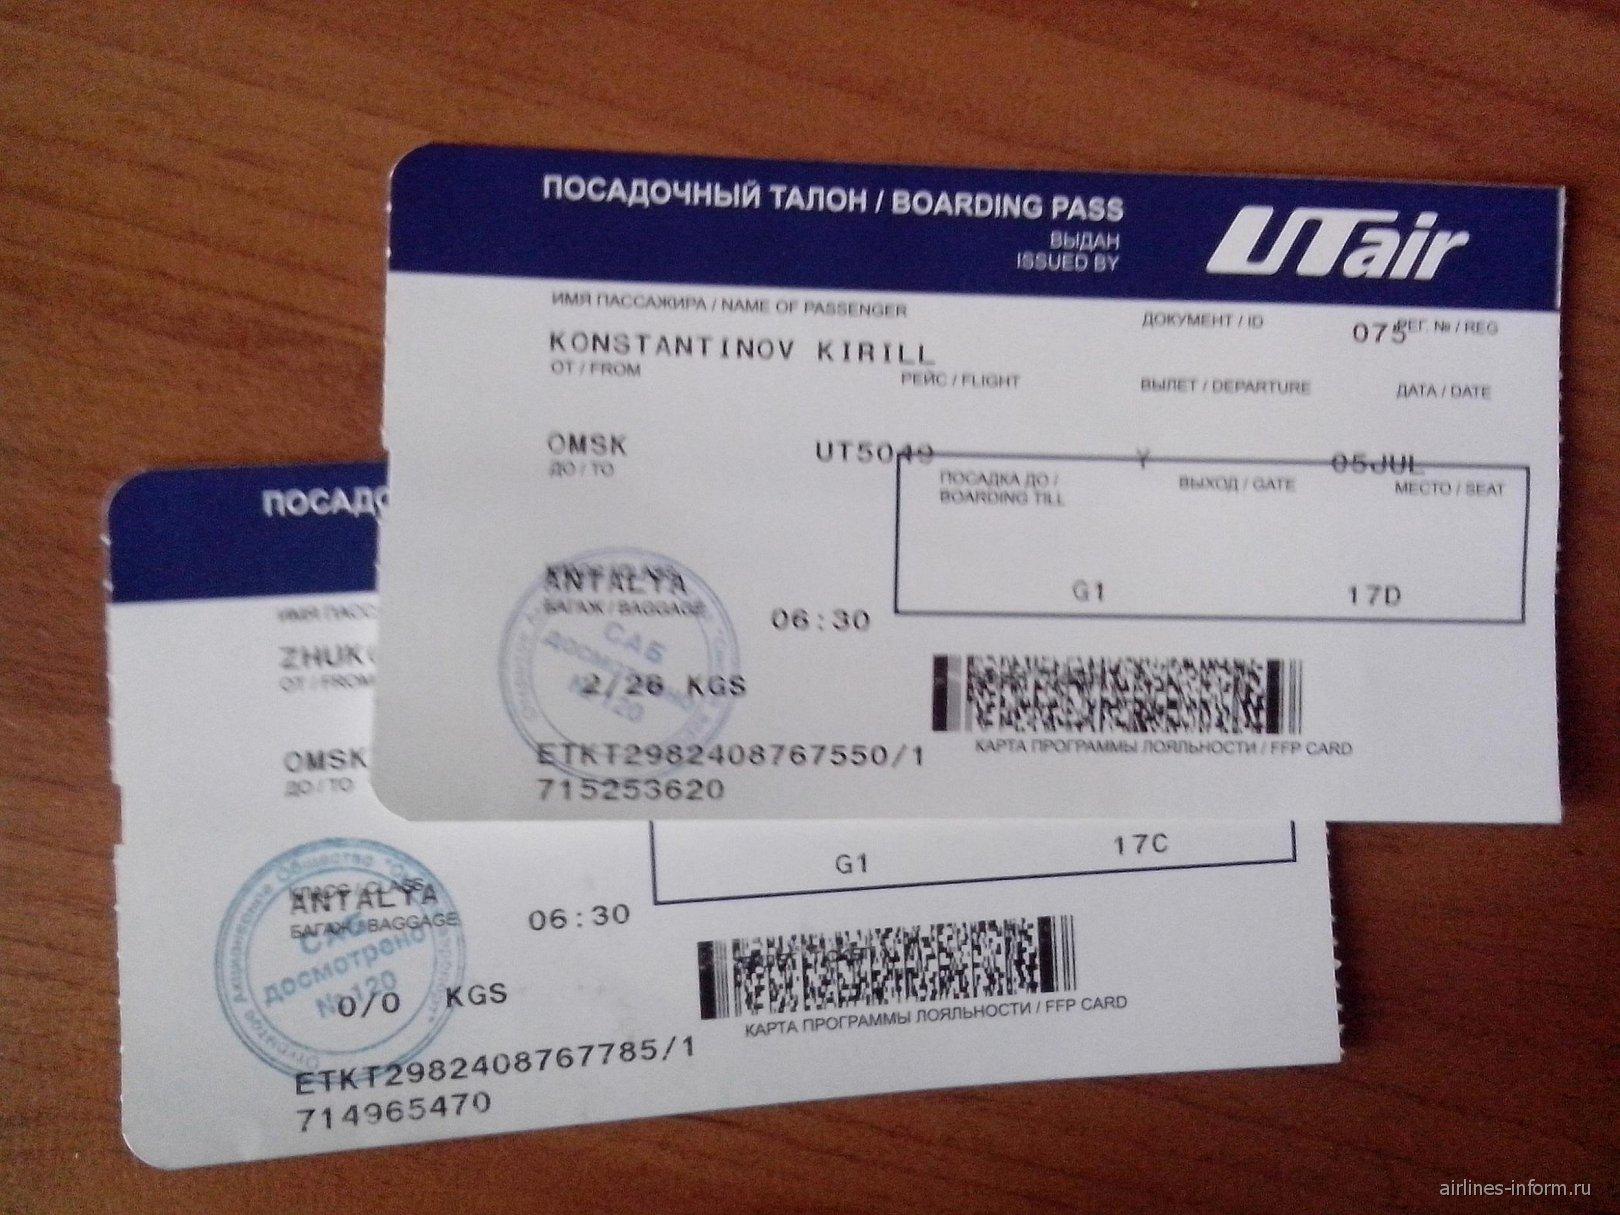 Чартер Омск-Анталья авиакомпании ЮТэйр